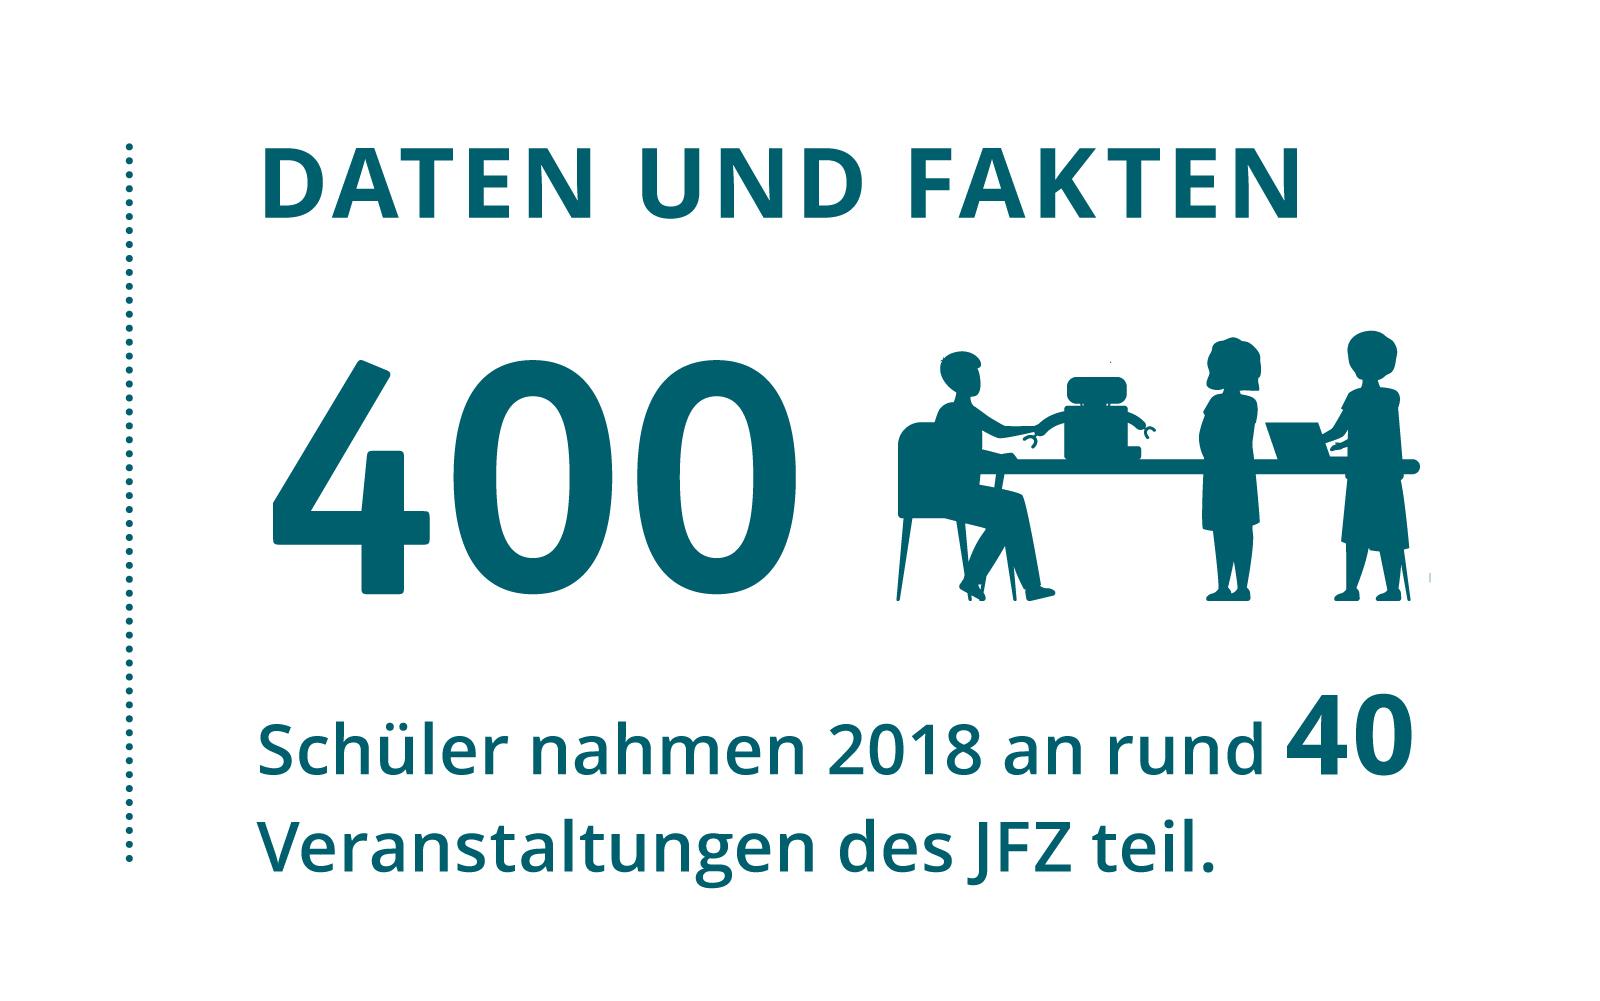 Schüler und Veranstalten Wirtschaft in Böblingen